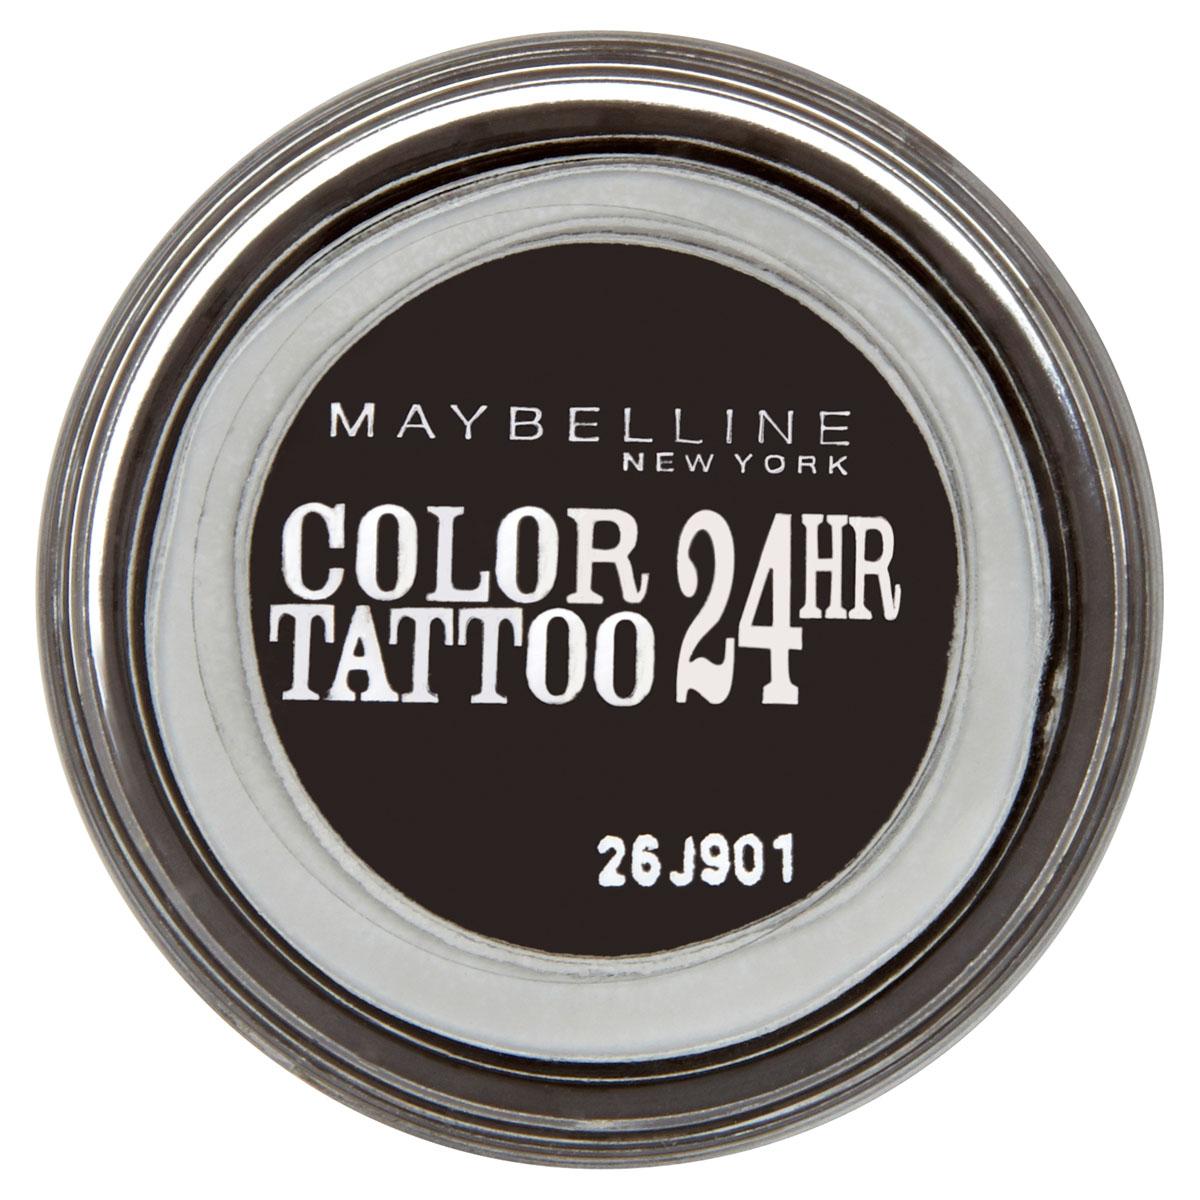 Maybelline New York Тени для век Color Tattoo 24 часа, оттенок 60, Бессменный черный, 4 млA8505700Технология тату-пигментов создает яркий, супернасыщенный цвет. Крем-гелевая текстура обеспечивает ультралегкое нанесение и стойкость на 24 часа.12 оттенков